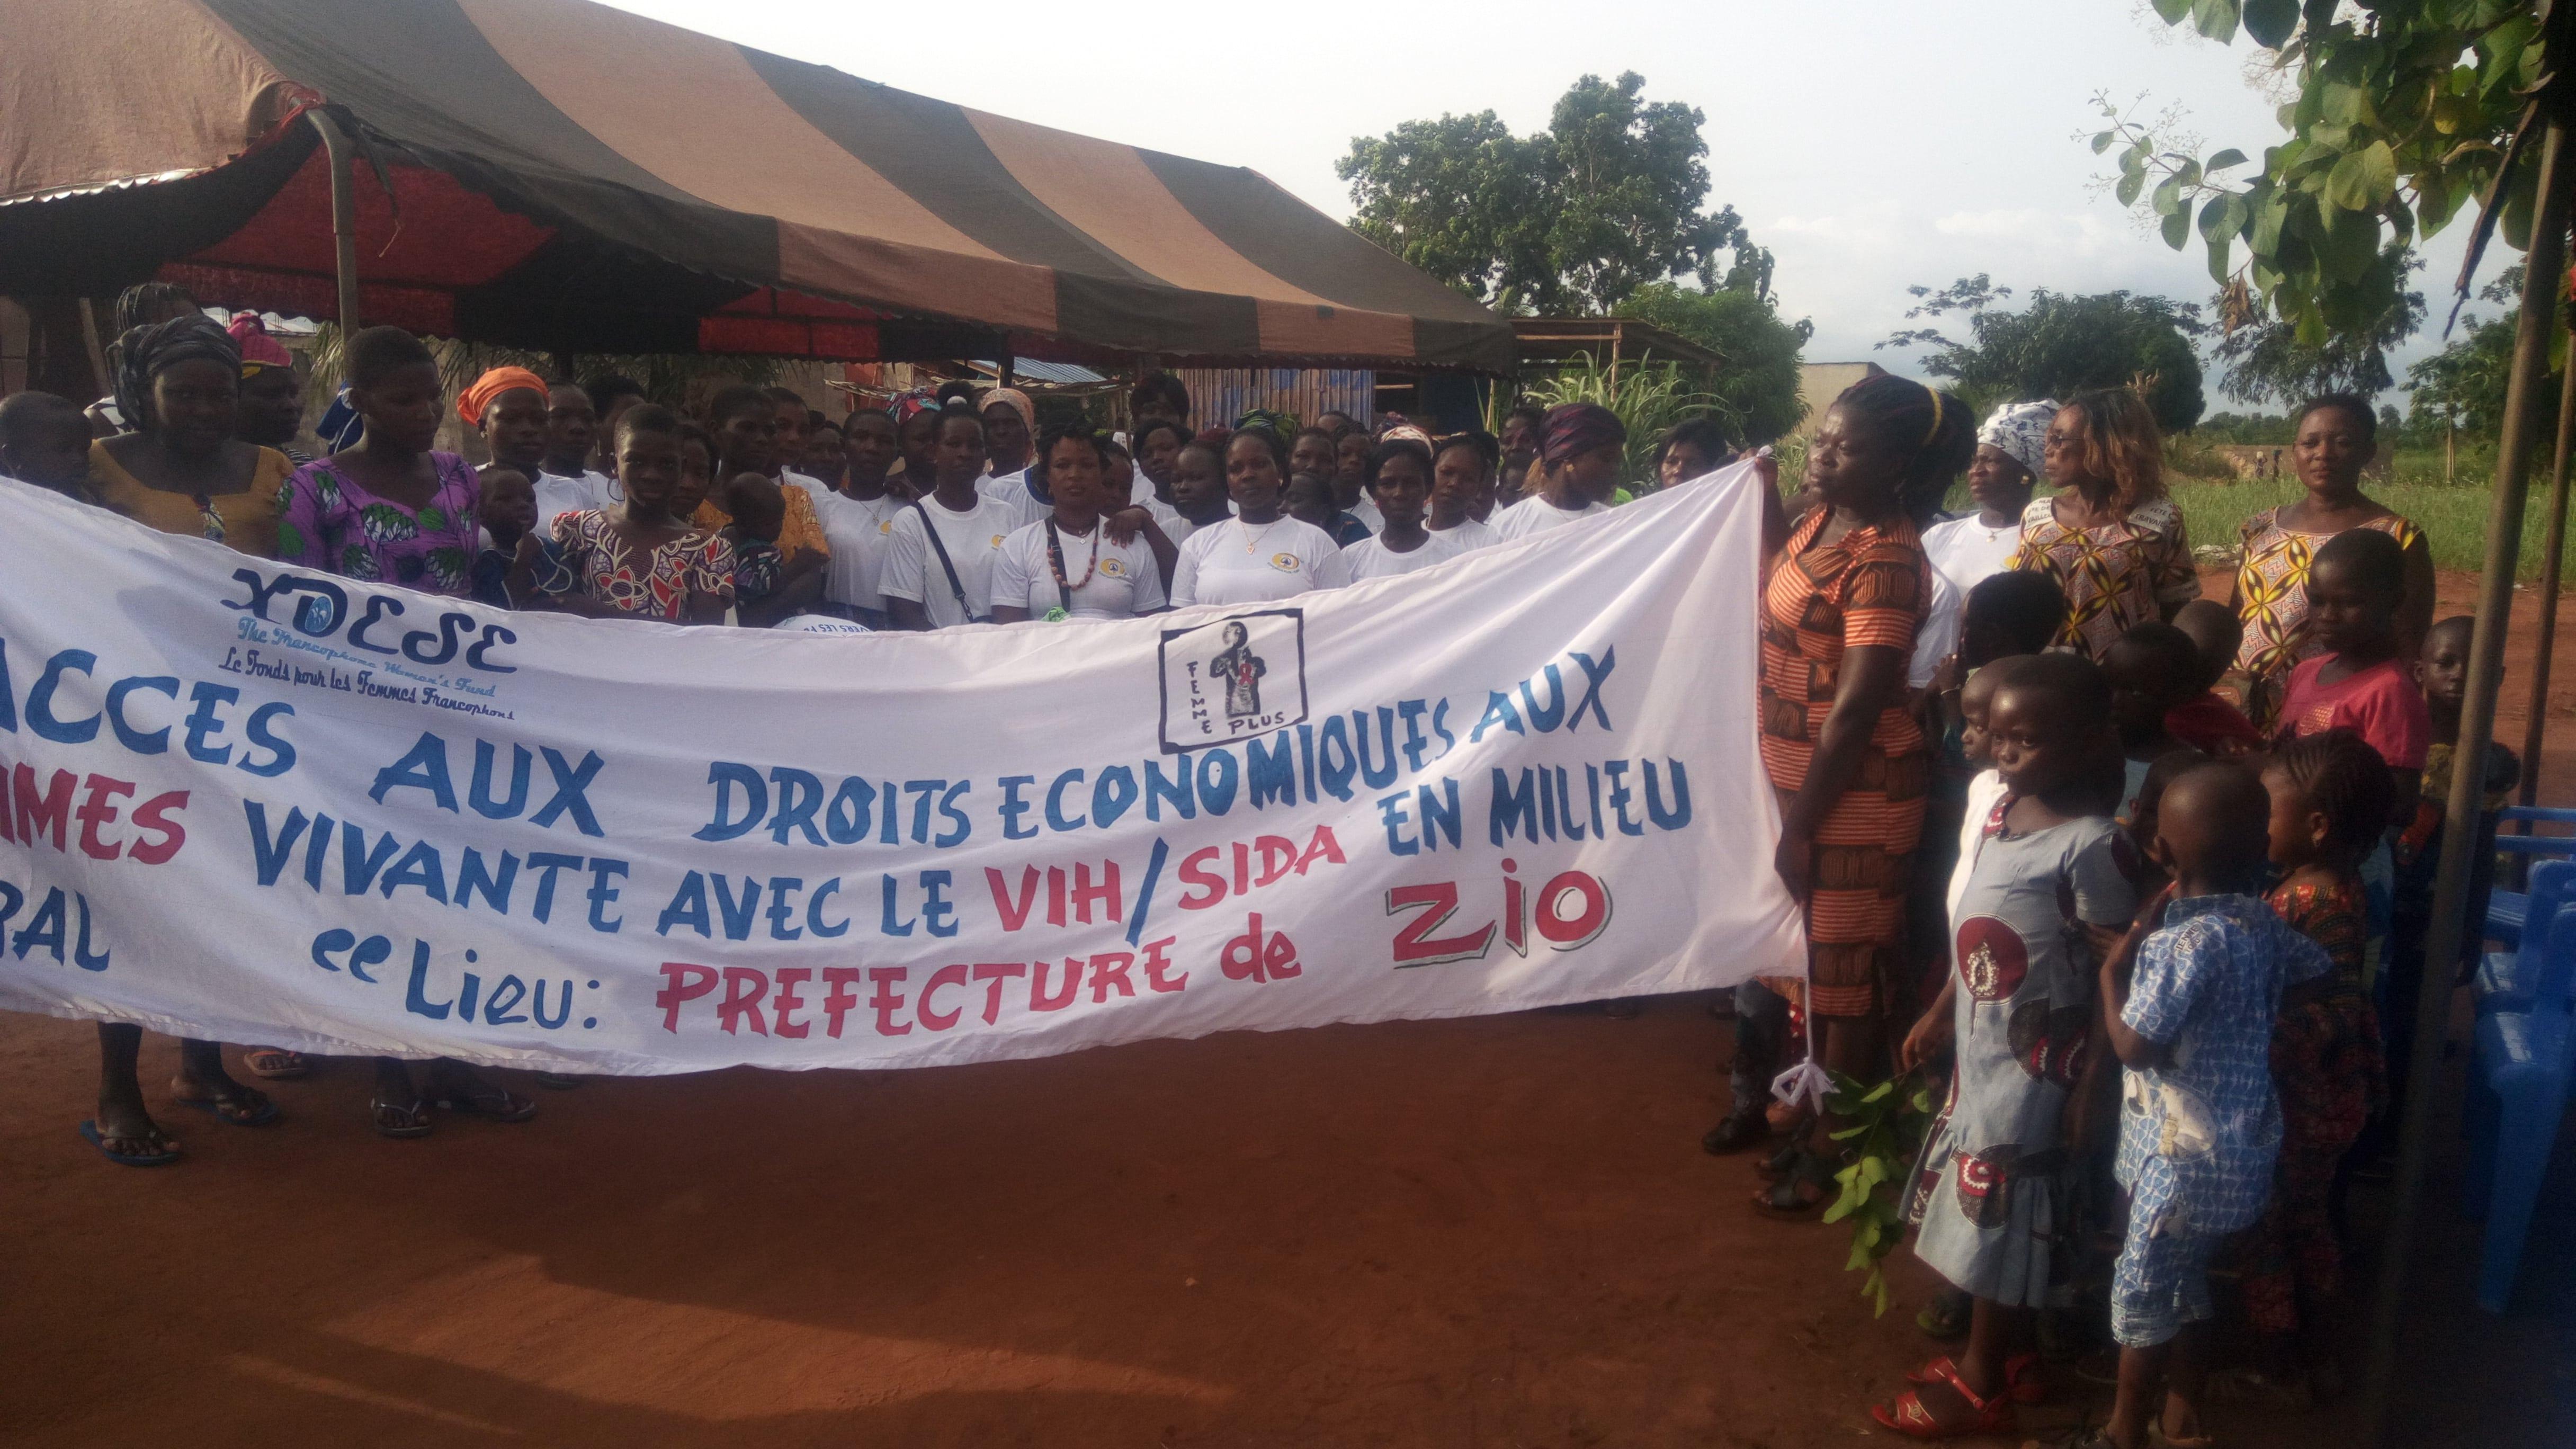 Accès aux droits économiques aux femmes vivant avec le VIH/SIDA en milieu rural